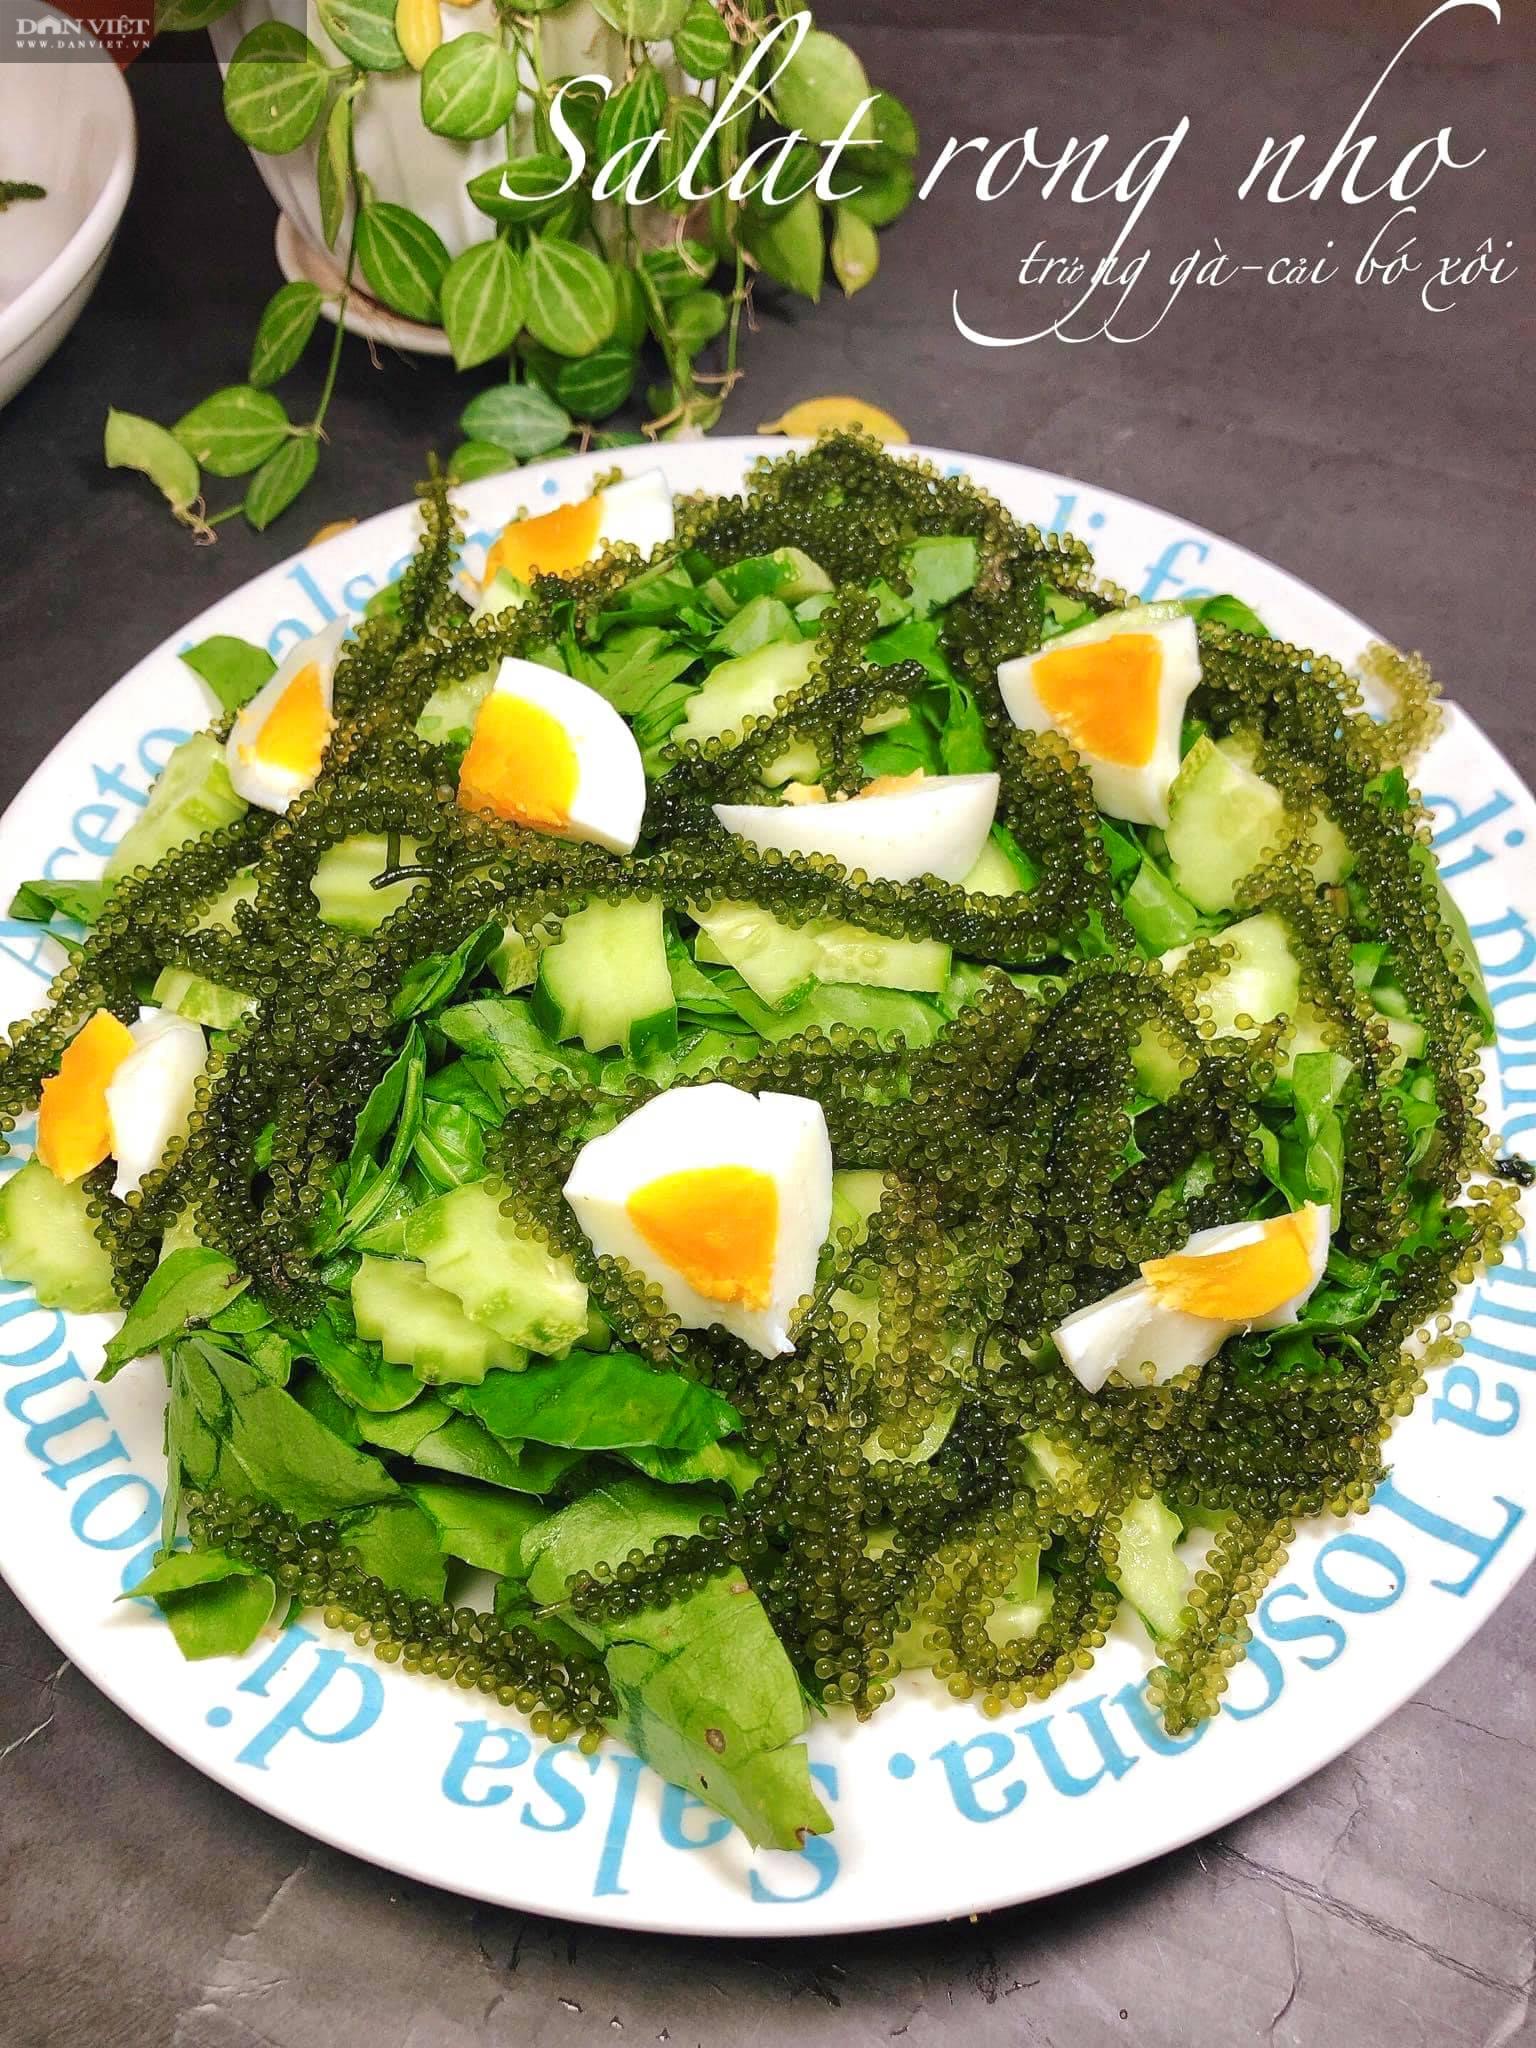 Gợi ý 11 món salad đẹp da, đẹp dáng cho chị em - Ảnh 11.